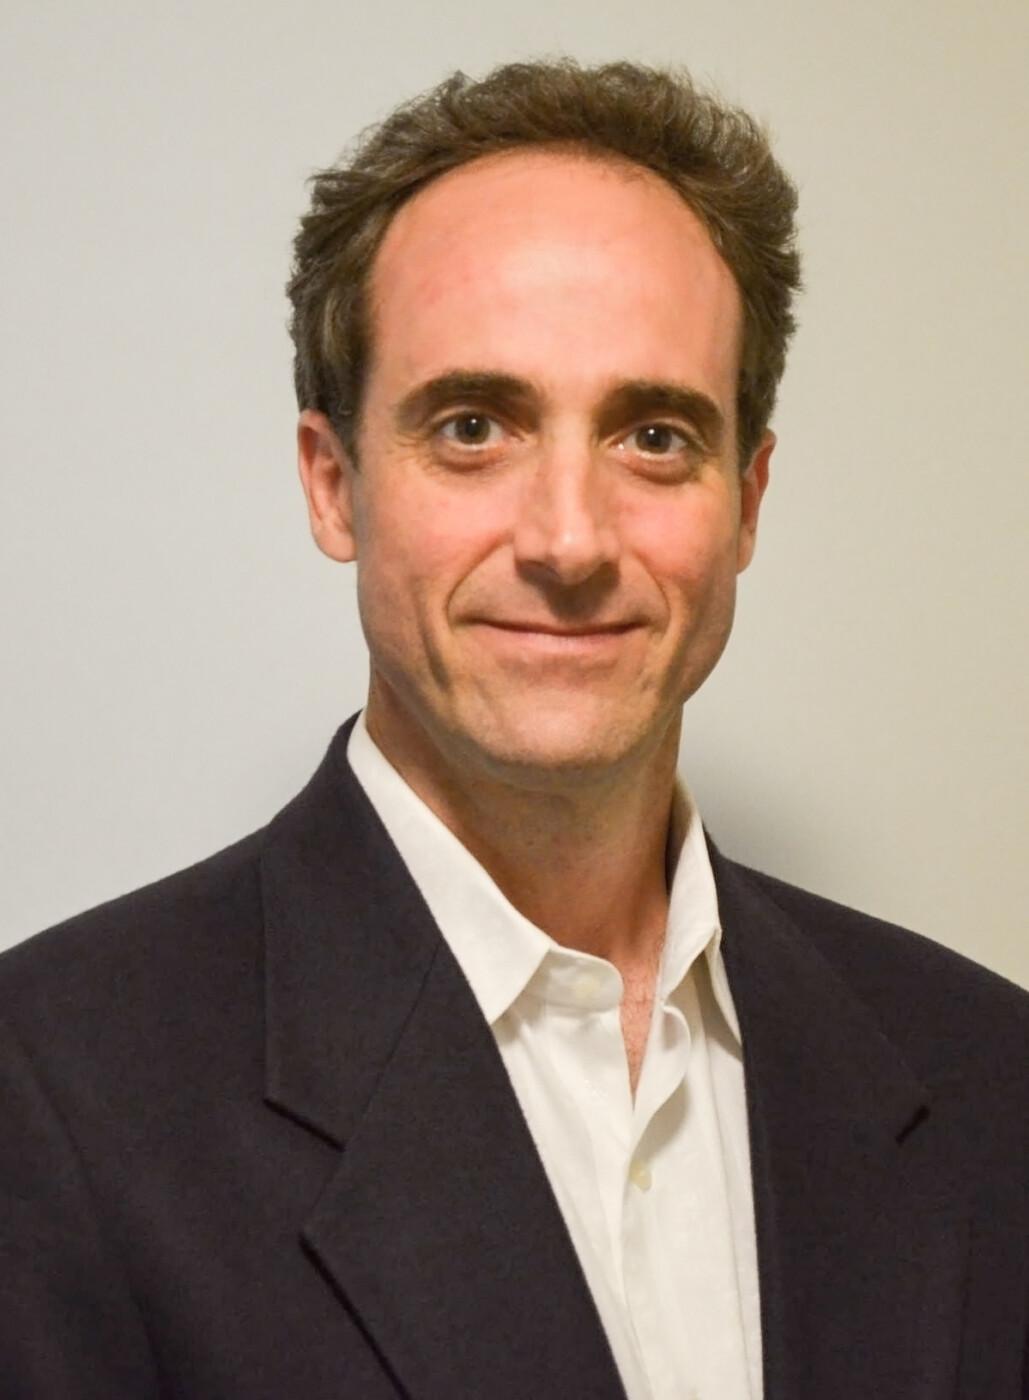 Jason Bernstein